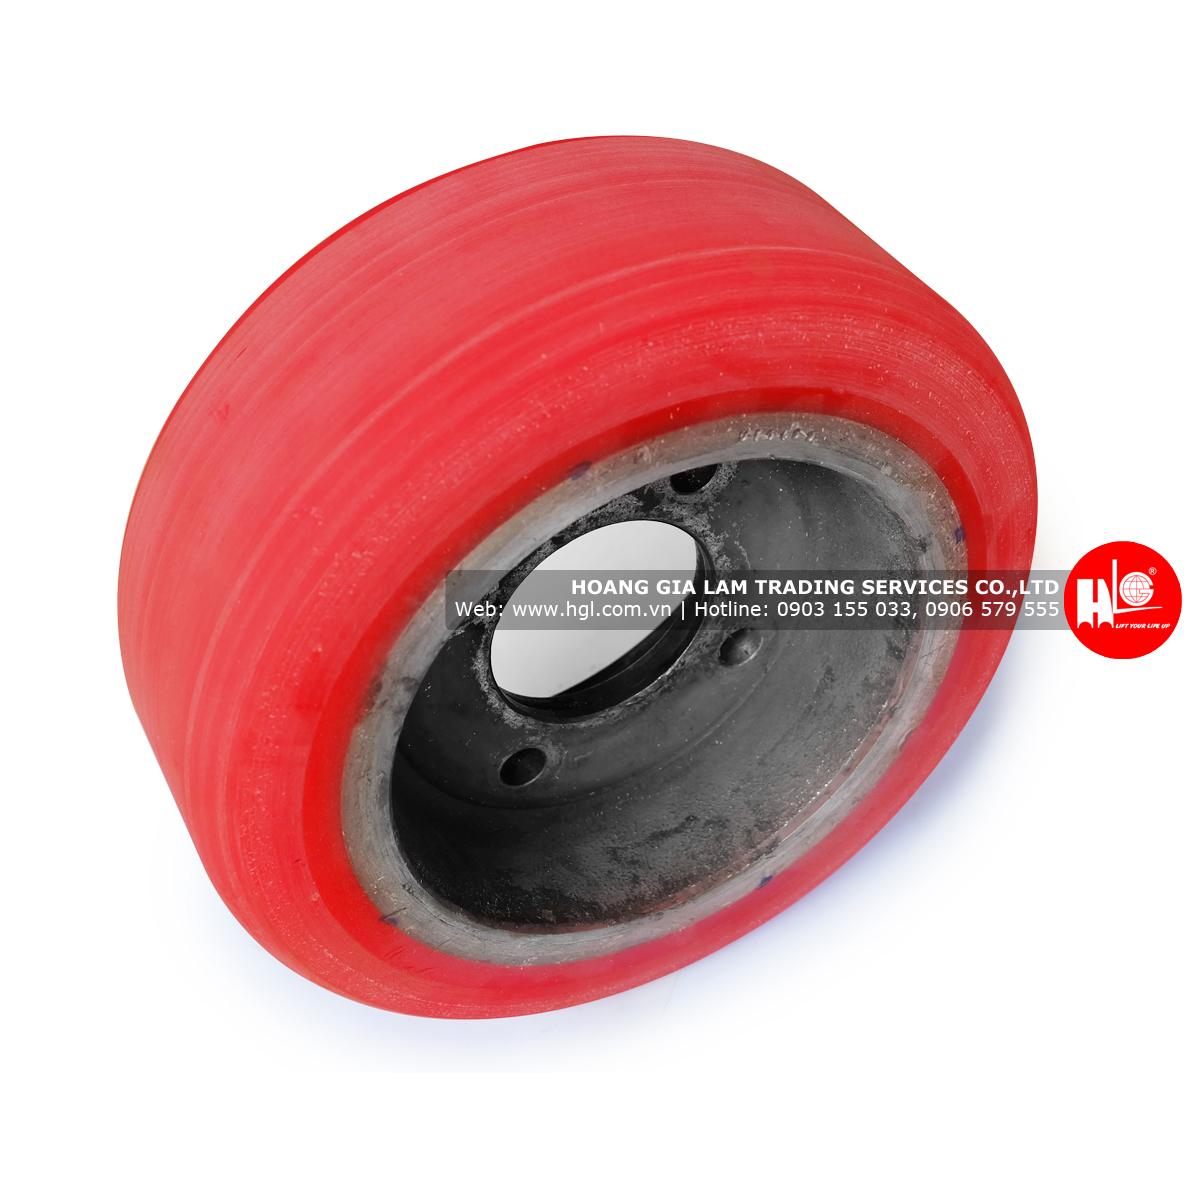 banh-xe-nang-dap-pu-230x90x170-p1